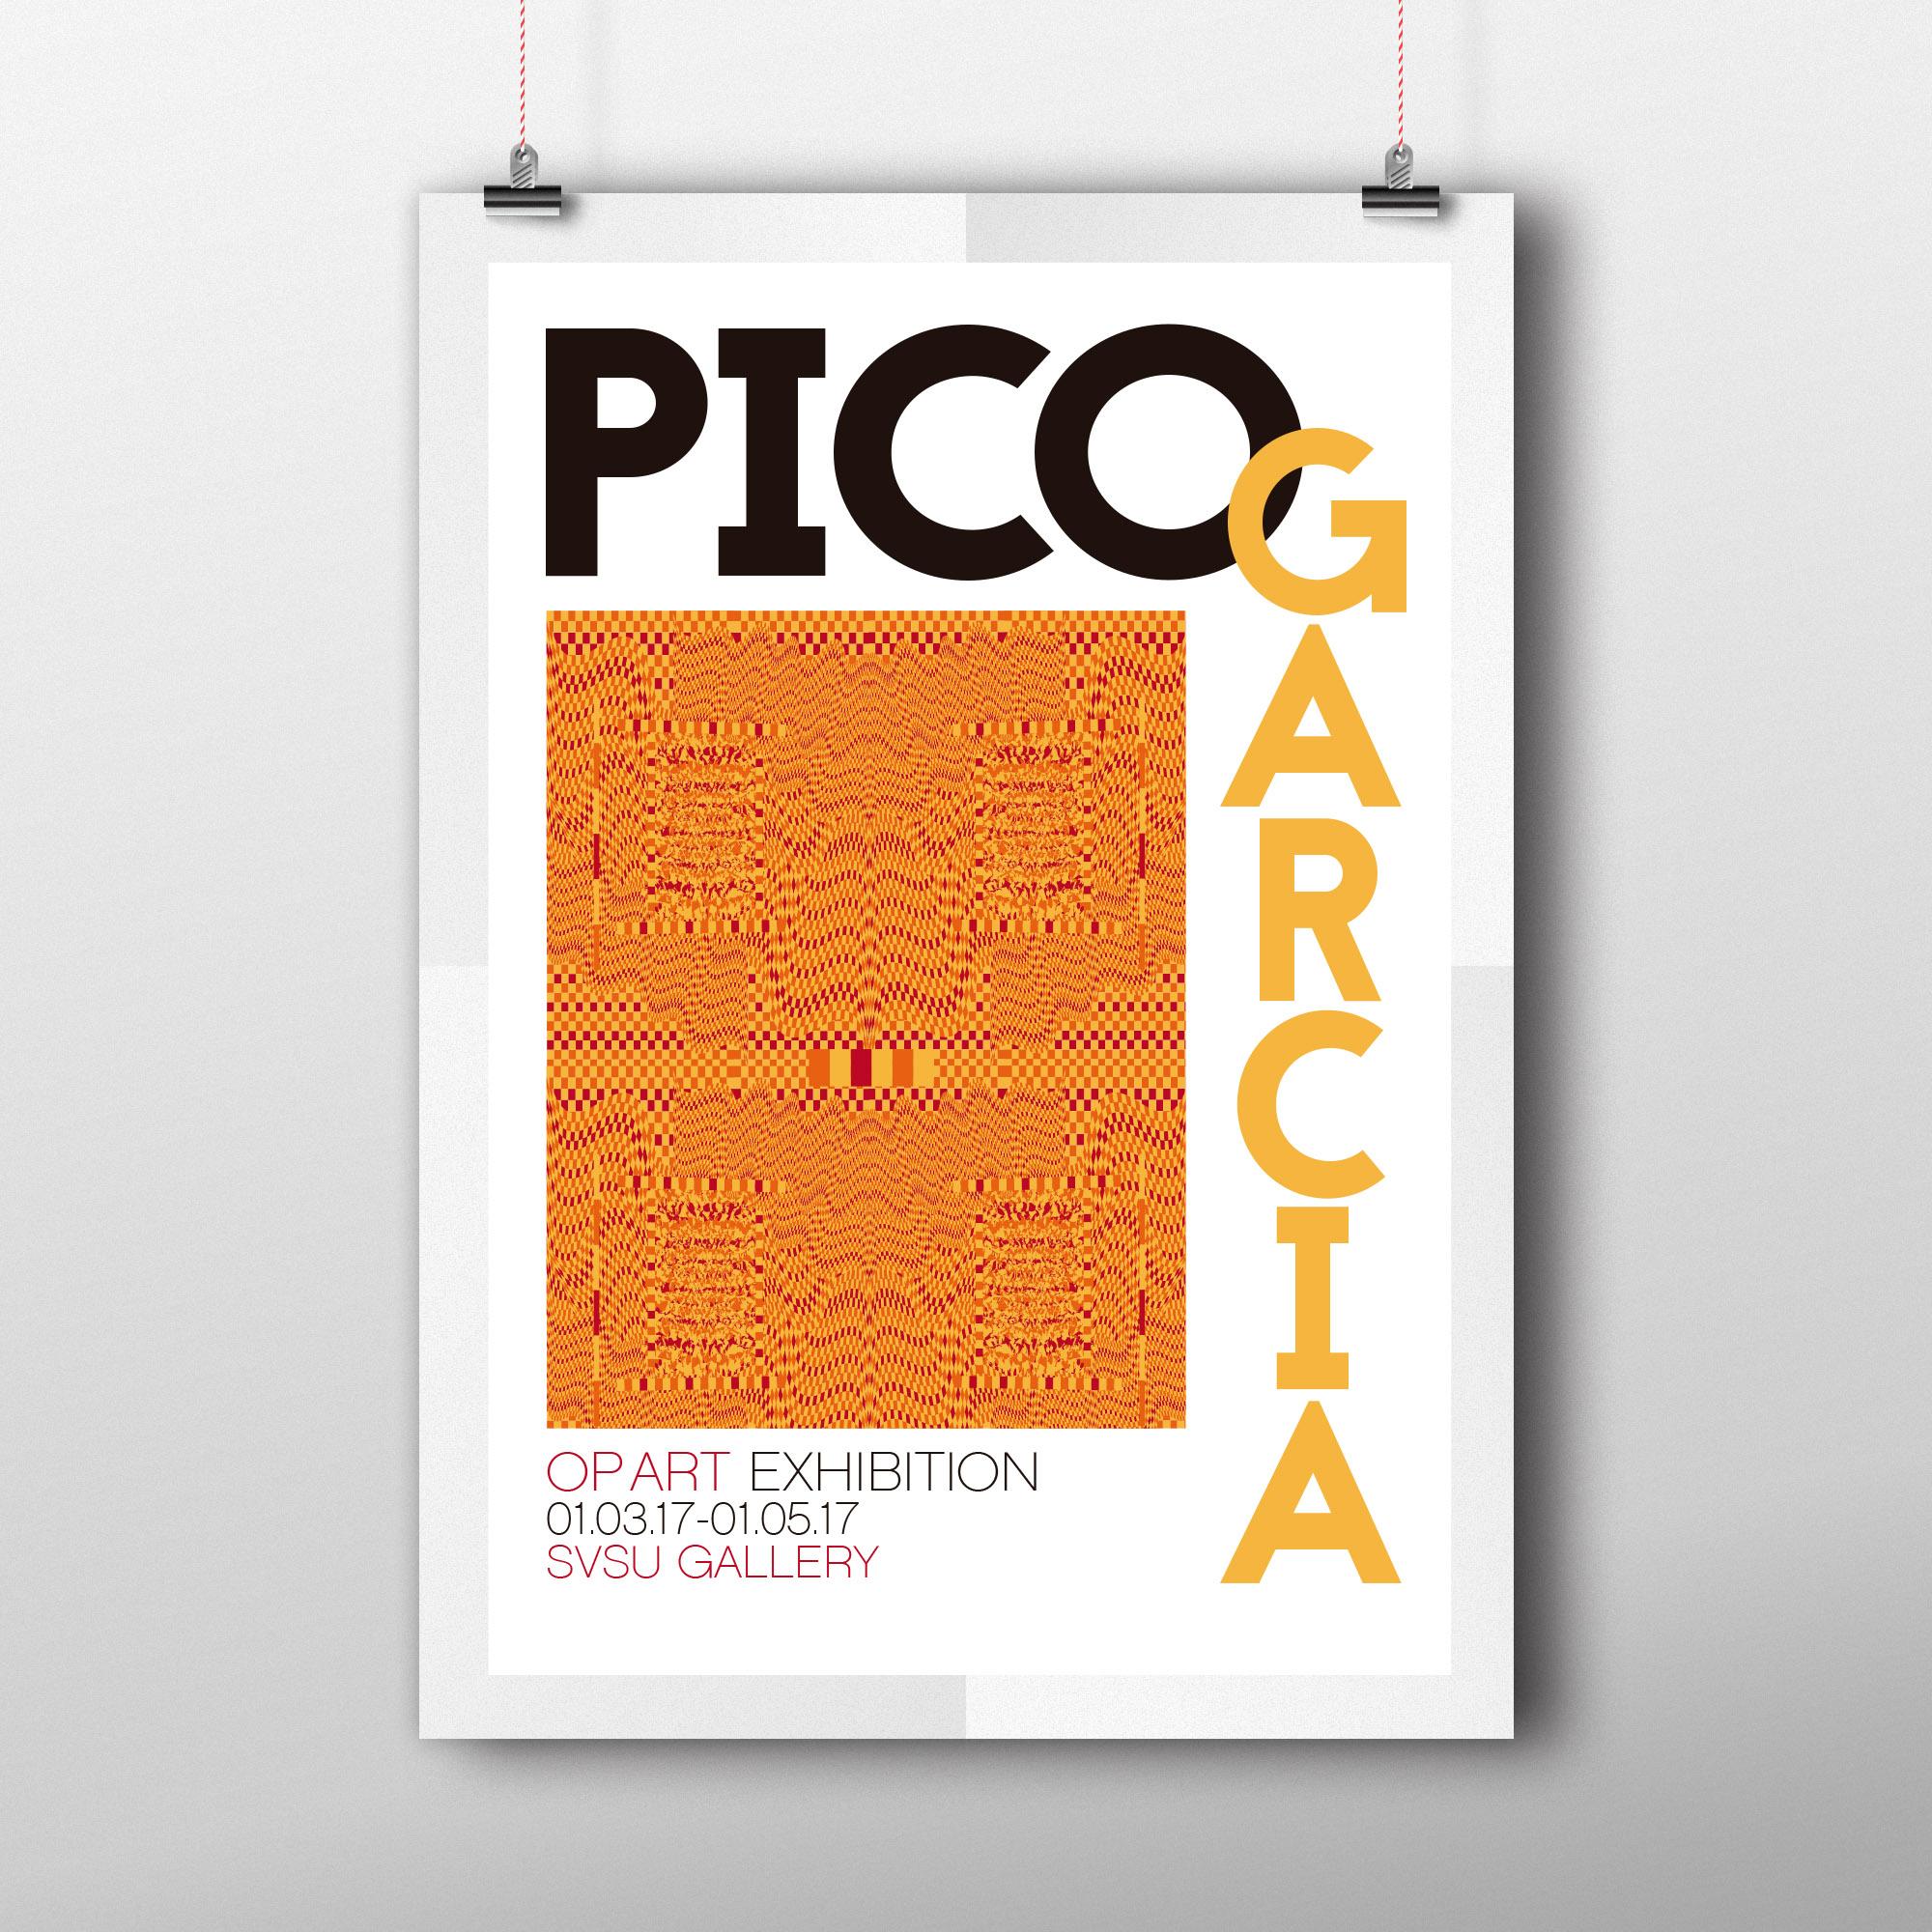 Pico García Exhibition